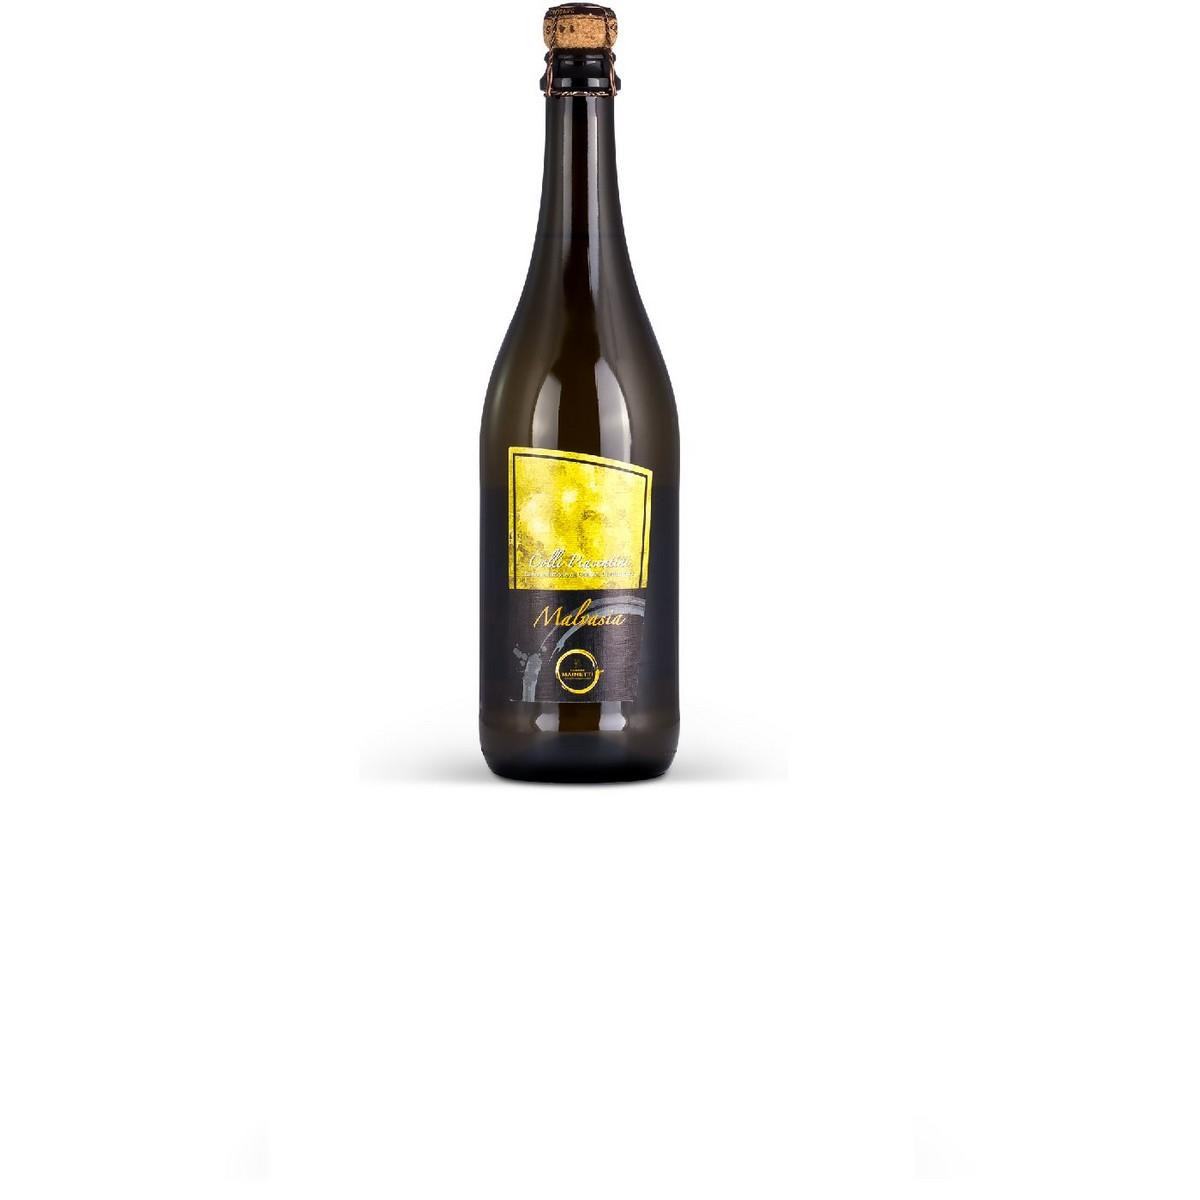 Colli Piacentini D.O.C. Malvasia Dry Frizzante